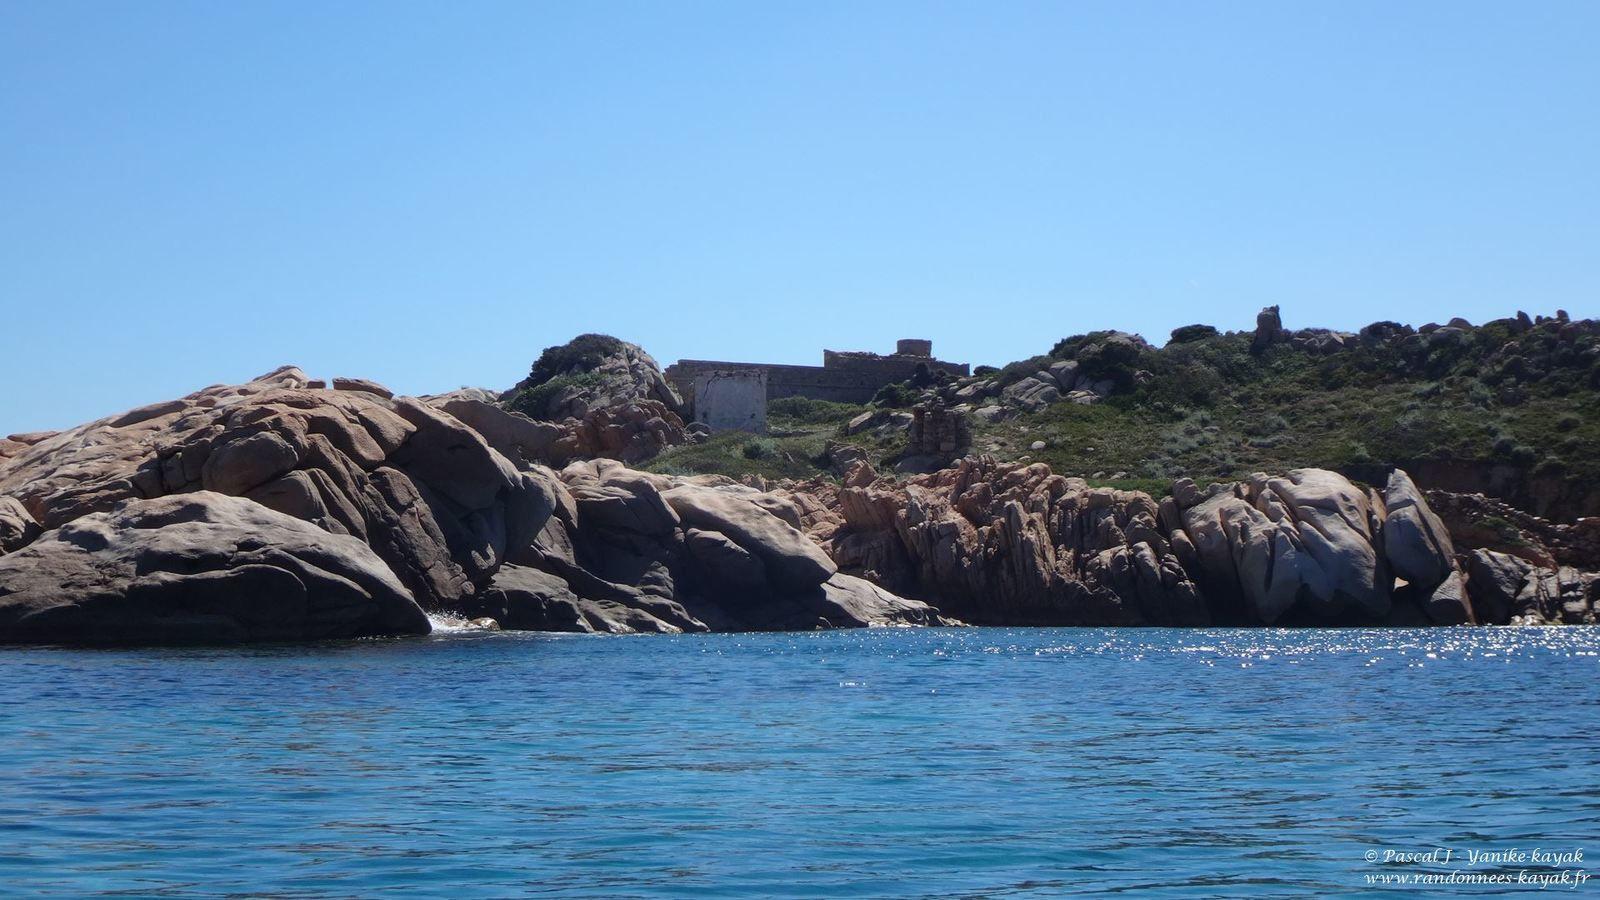 Sardegna 2019, una nuova avventura - Chapitre 13 - De la Maddalena à Caprera